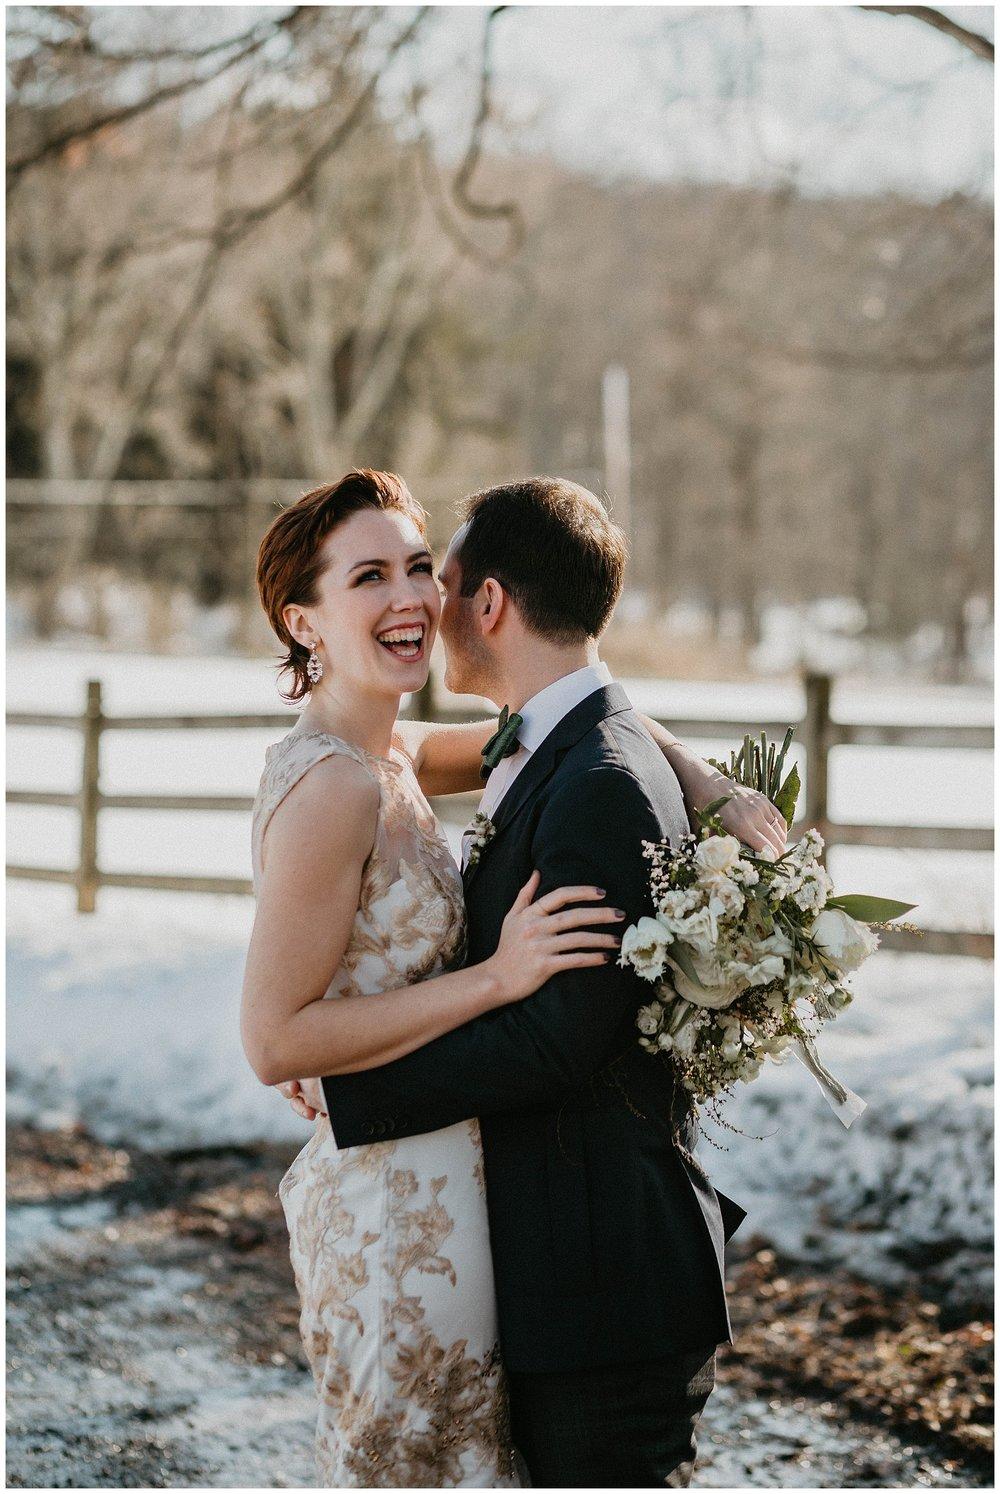 Pocono Winter Wedding with Bride and Groom_0156.jpg